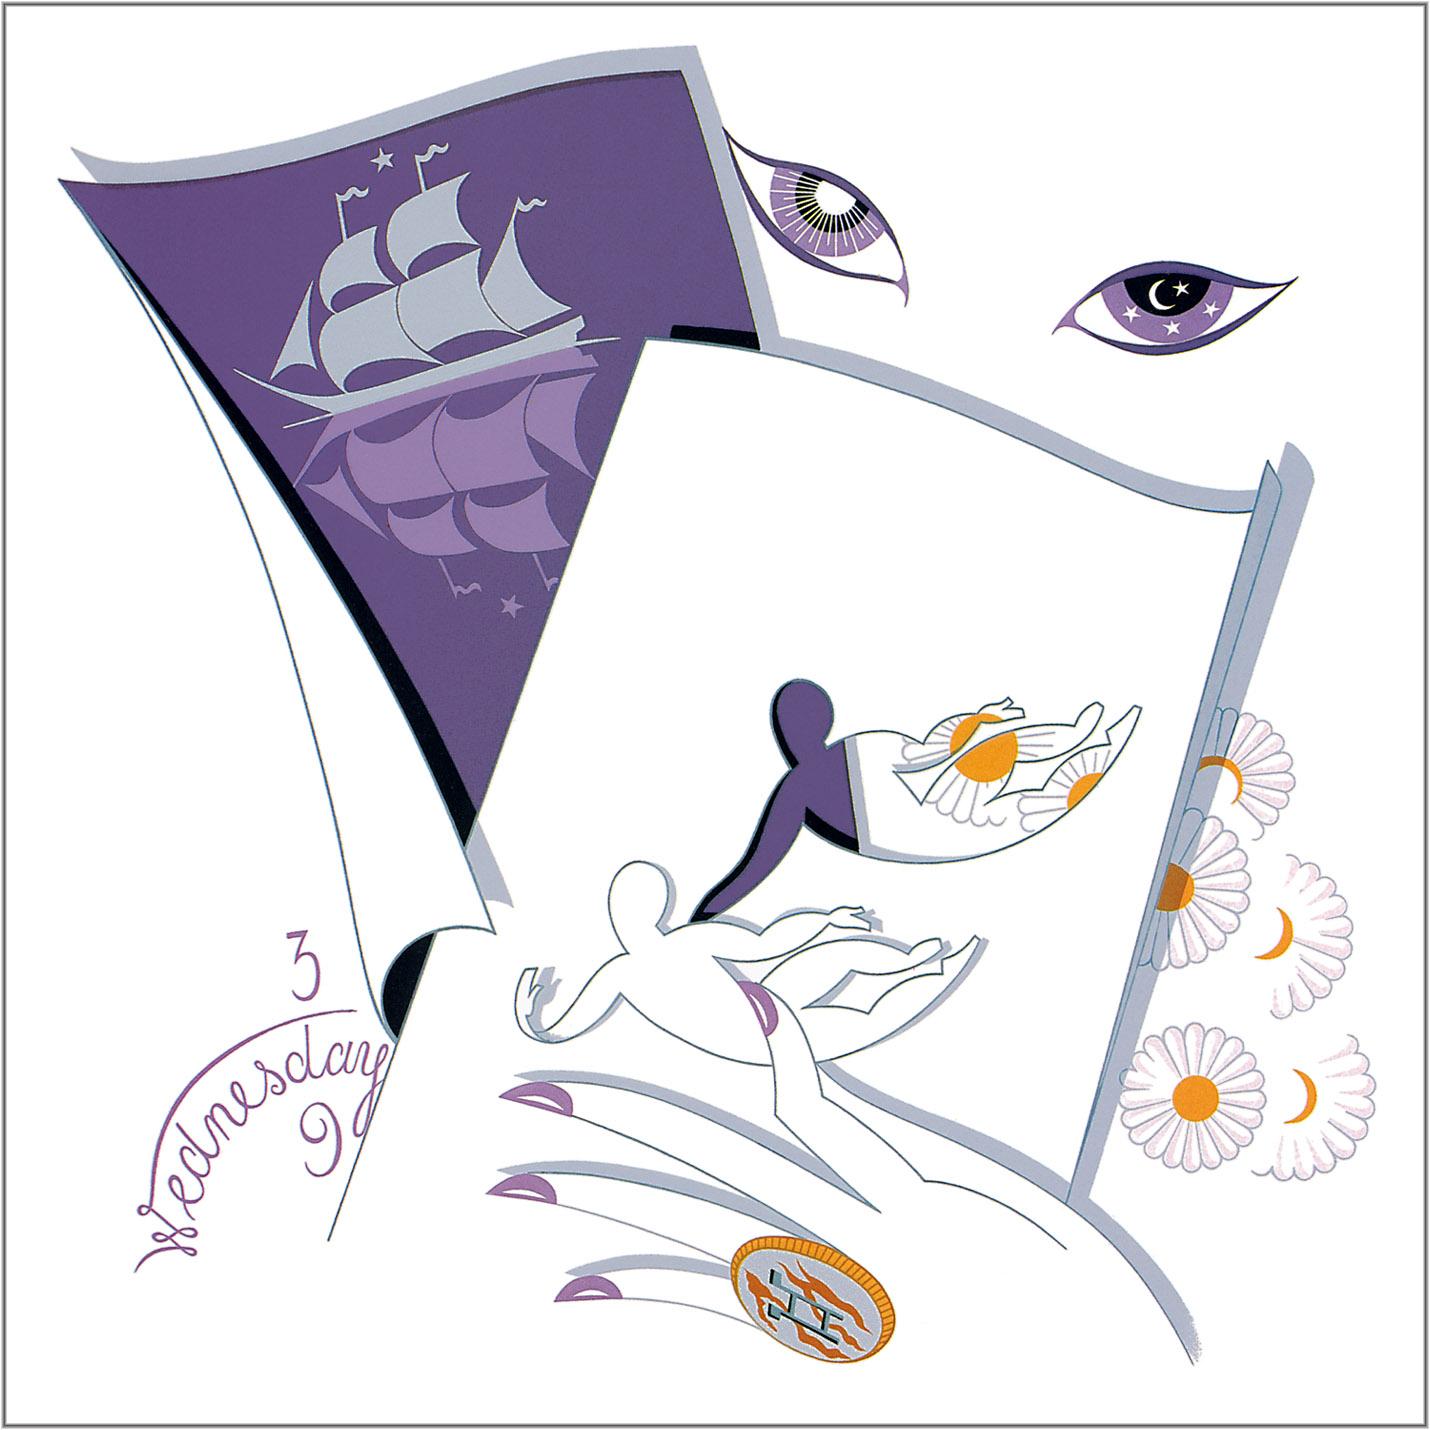 L'oroscopo dello scrittore - Giugno